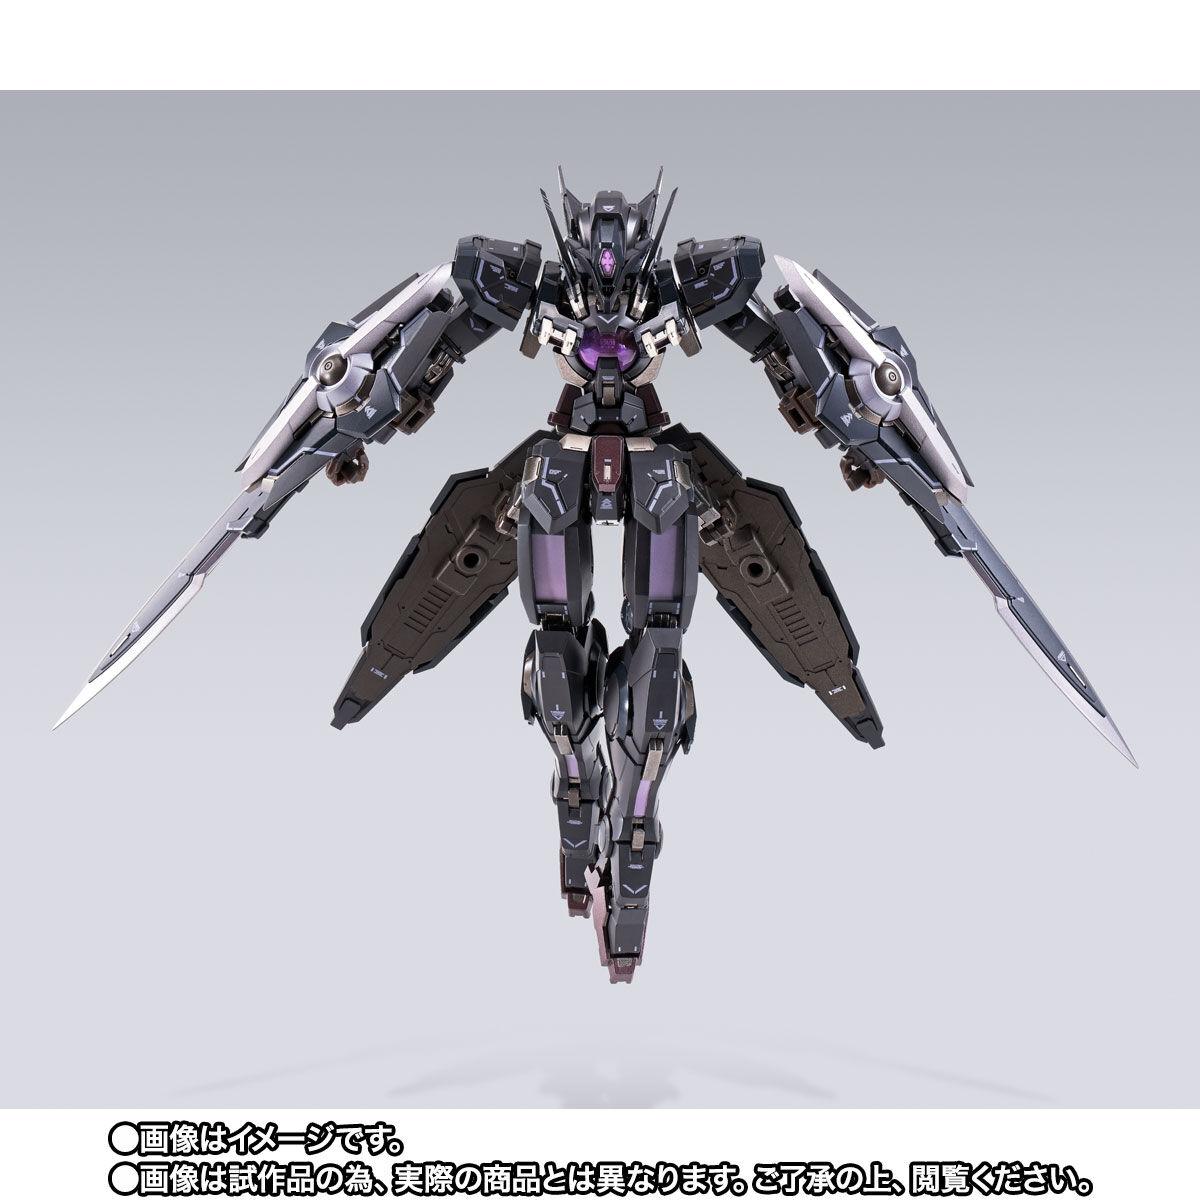 【限定販売】METAL BUILD『ガンダムアストレアTYPE-Xフィンスターニス』ガンダム00 可動フィギュア-005